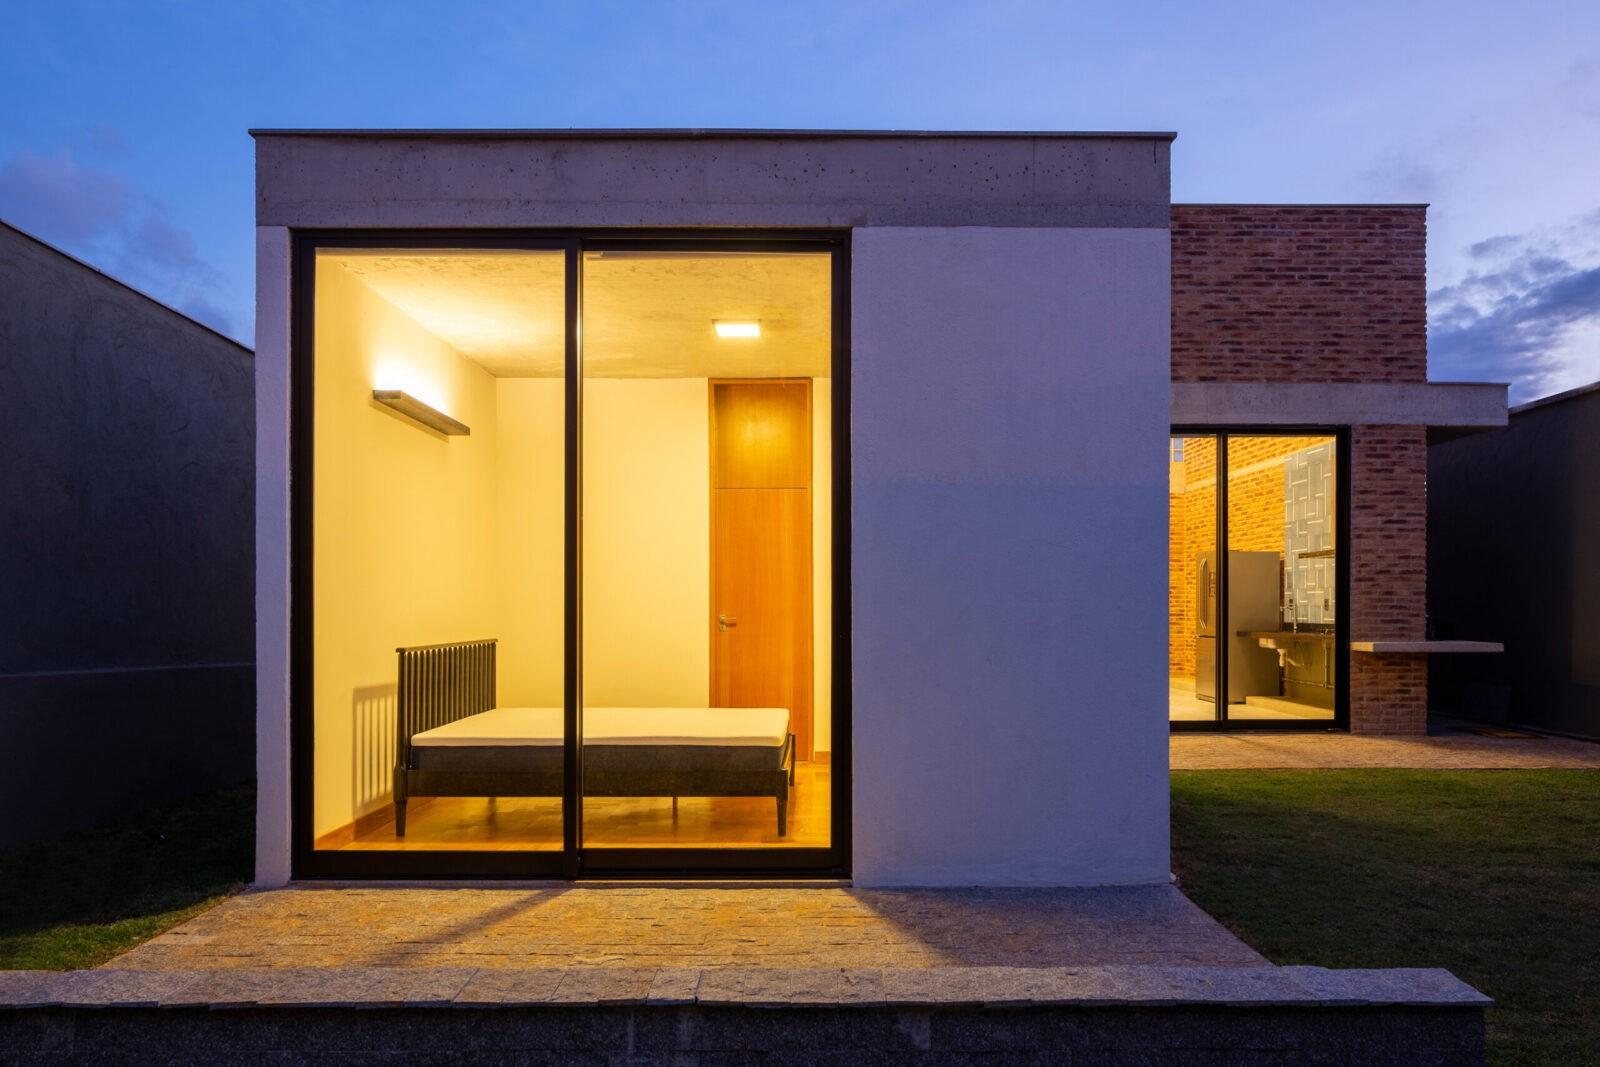 Casa residência projeto arquitetônico arquitetura Nova Lima Gabriel Castro